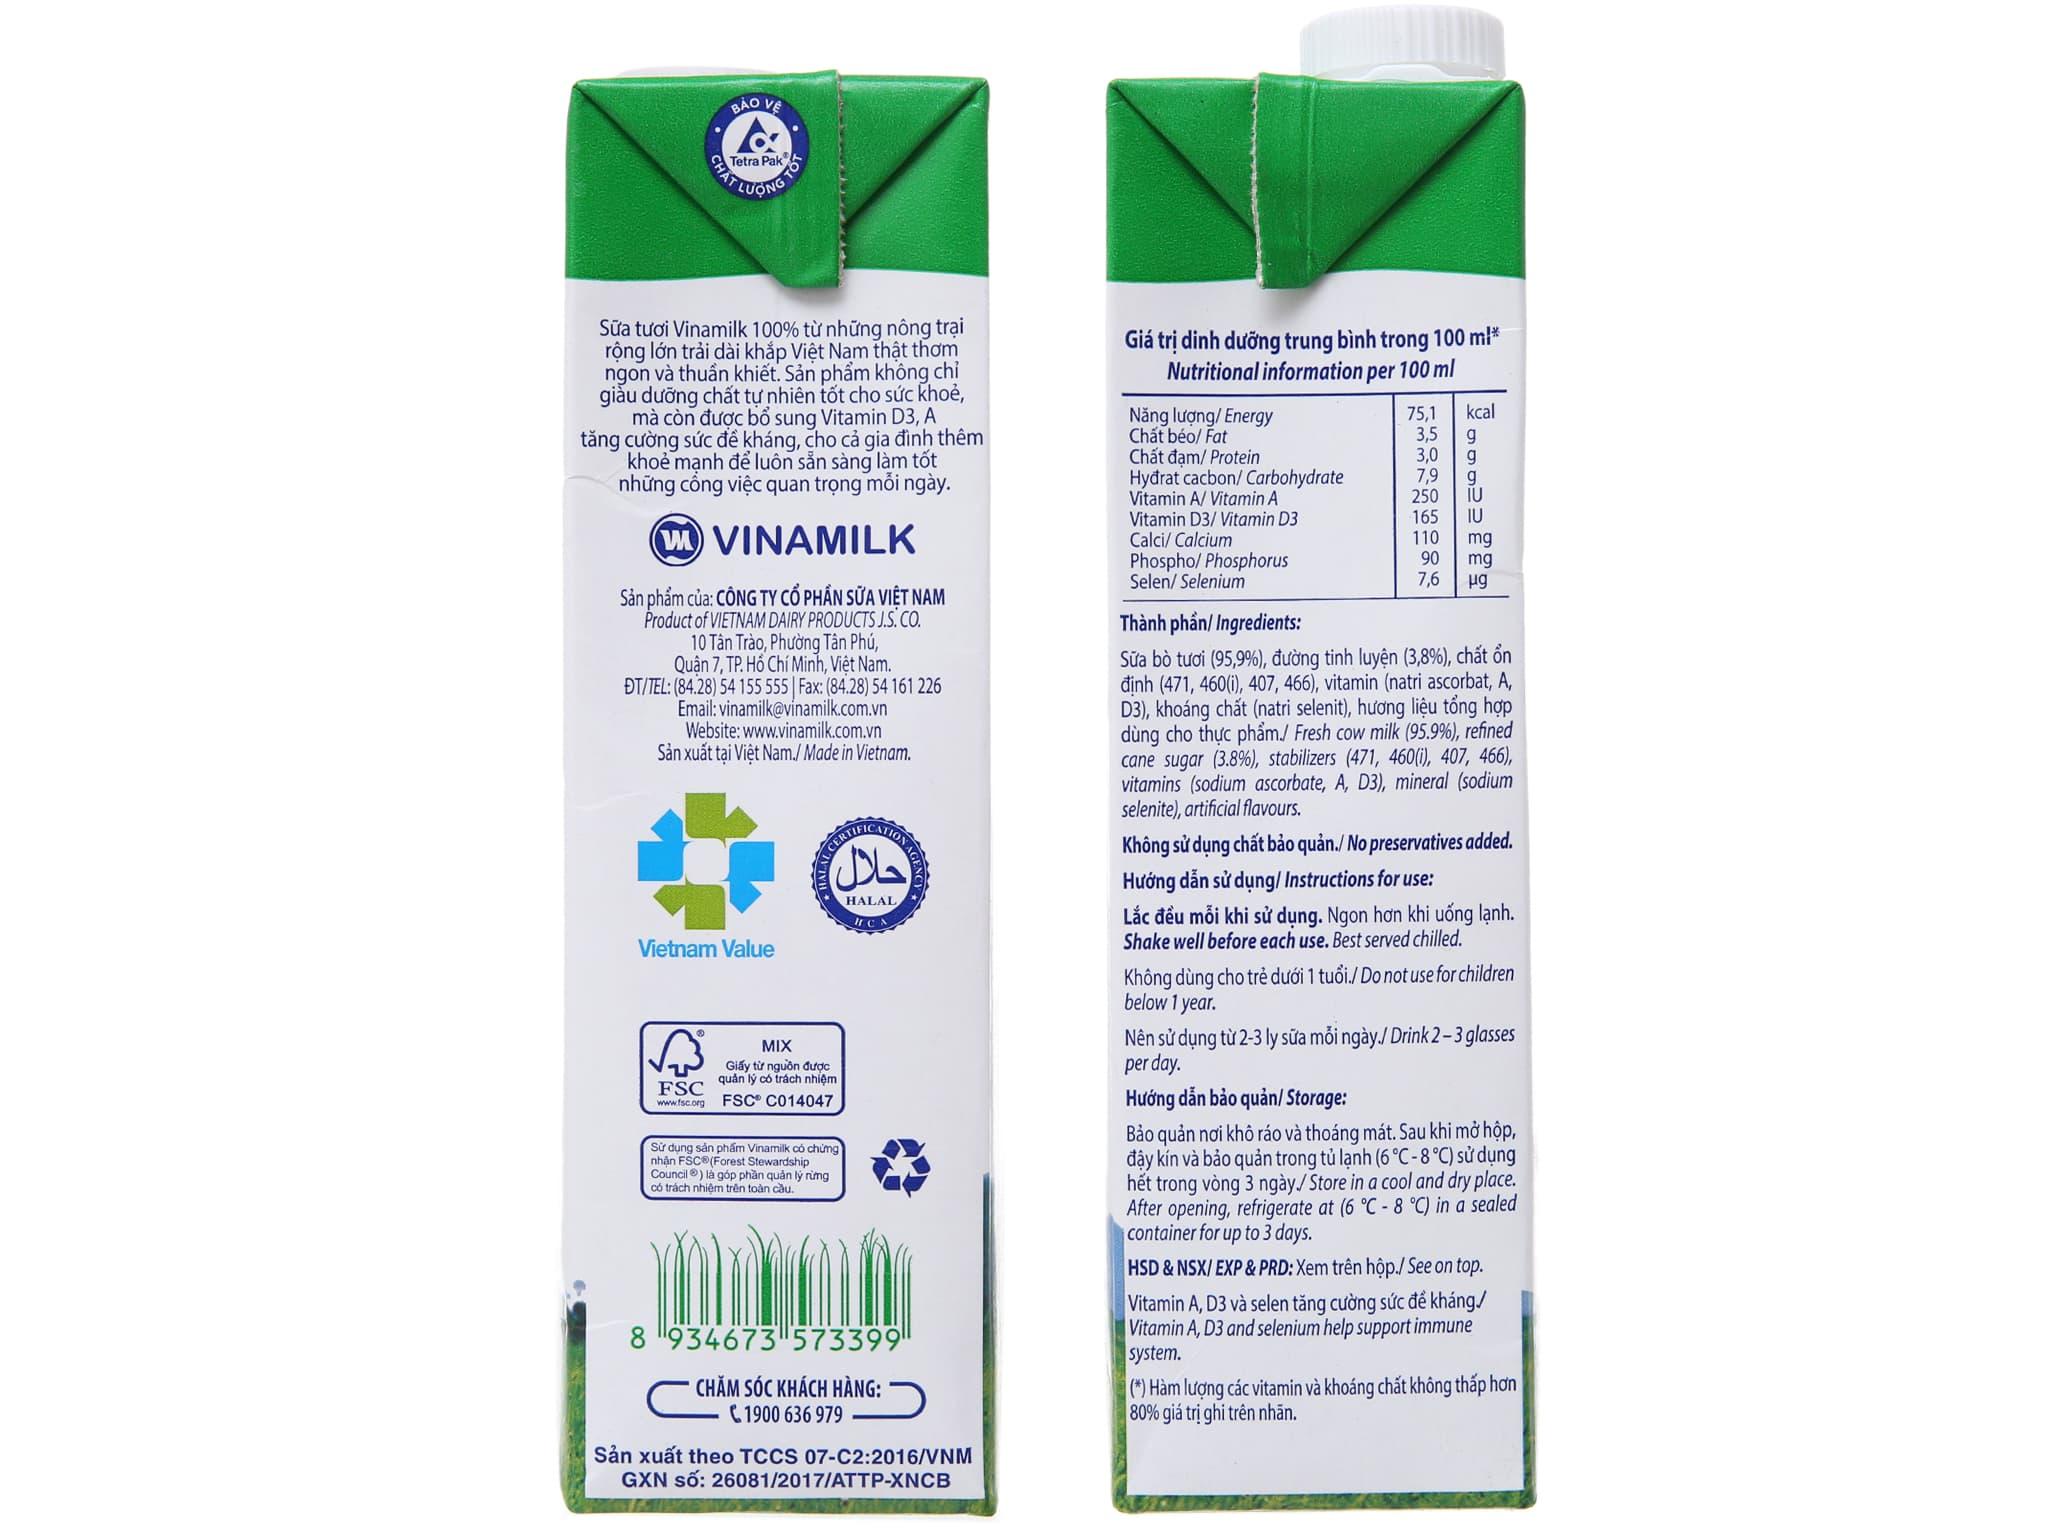 Sữa tươi tiệt trùng Vinamilk 100% Sữa Tươi có đường hộp 1 lít 4